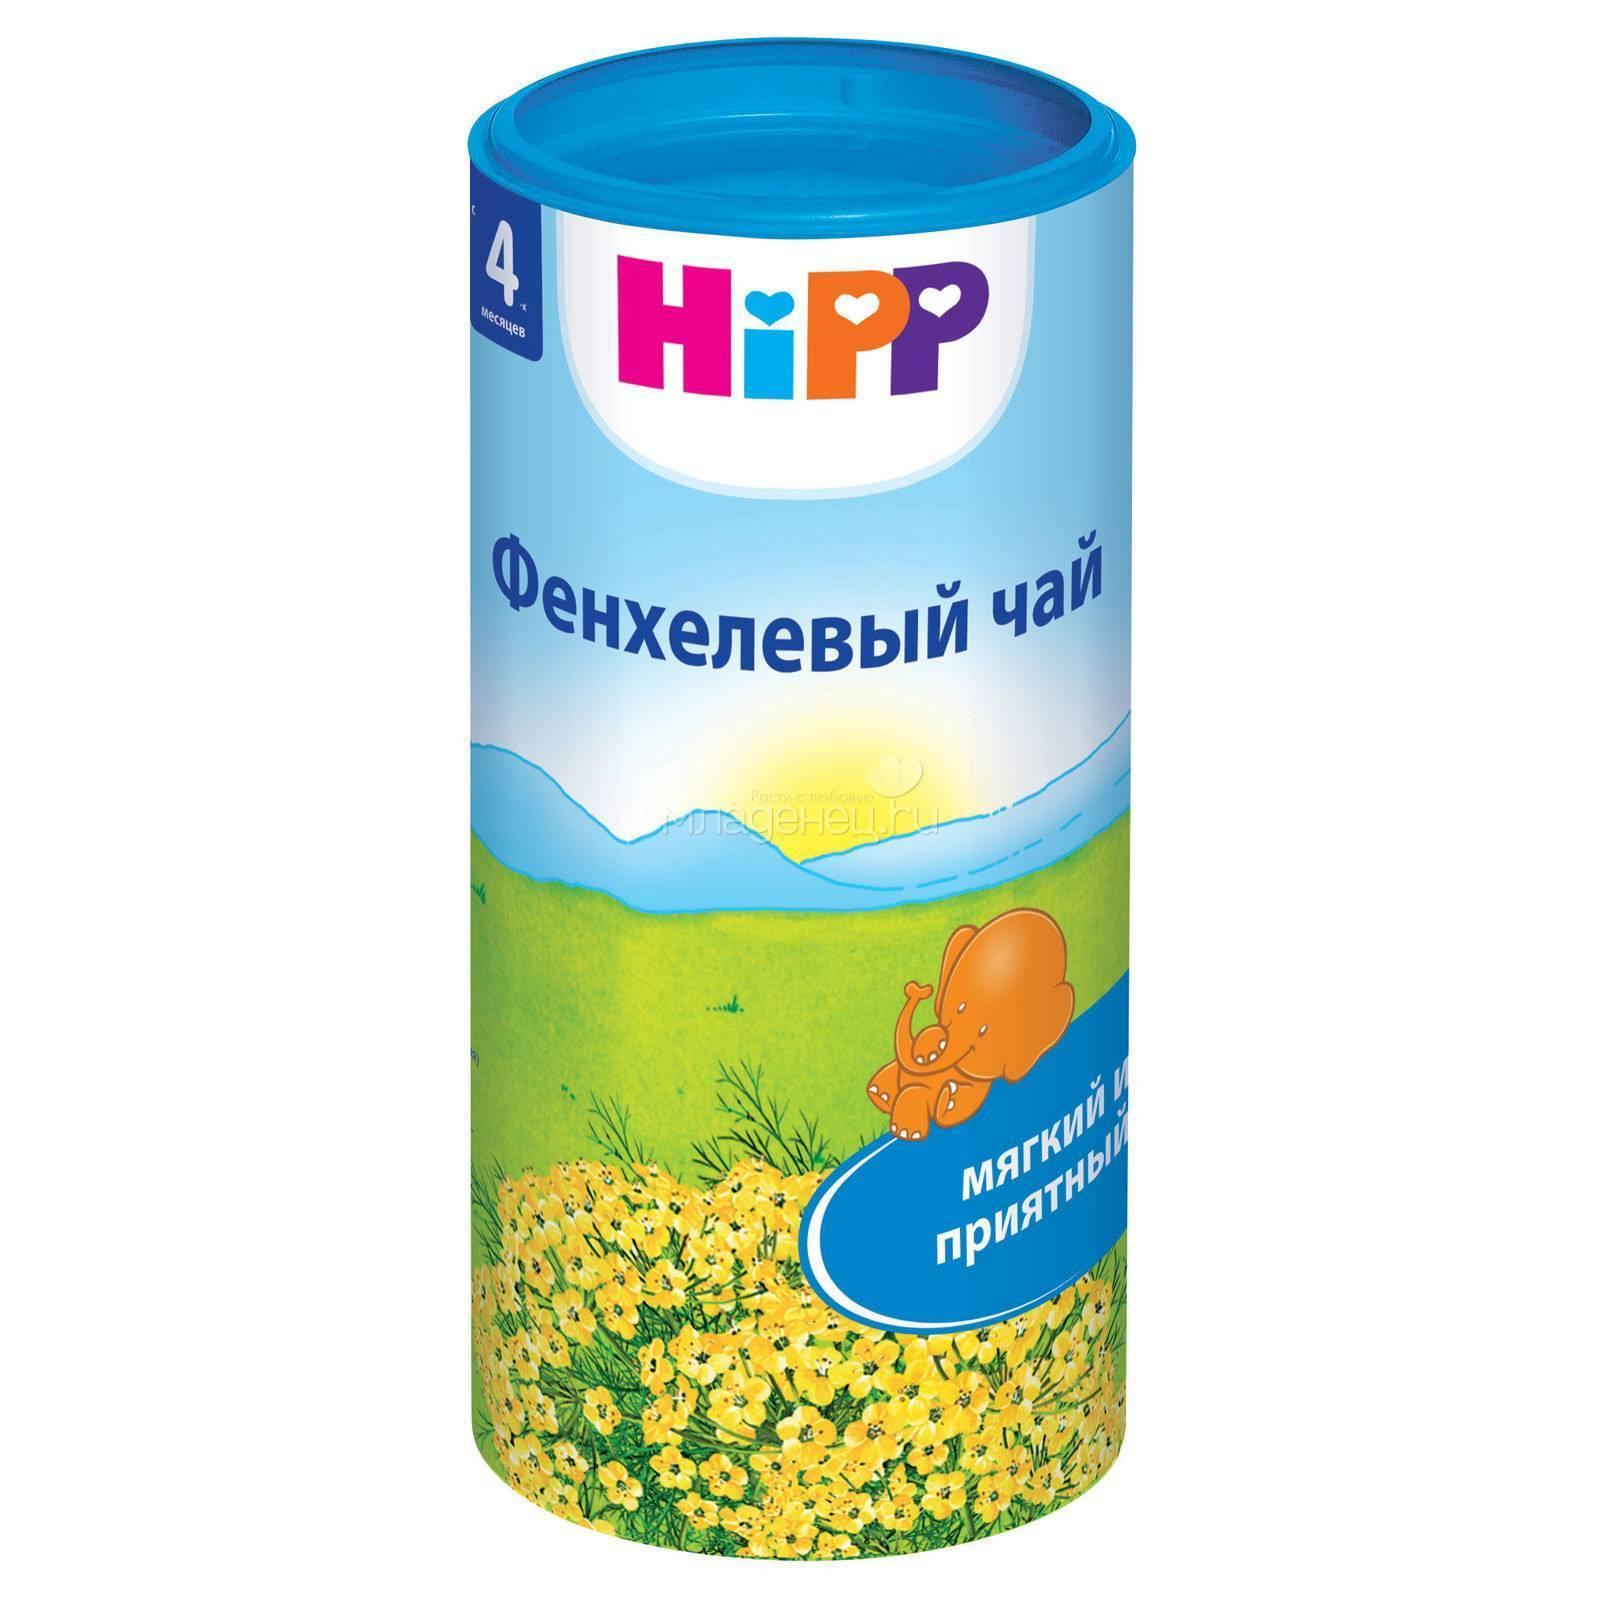 Чай с фенхелем для новорожденных, кормящих мам (hipp): инструкция при гв | опыт | vpolozhenii.com